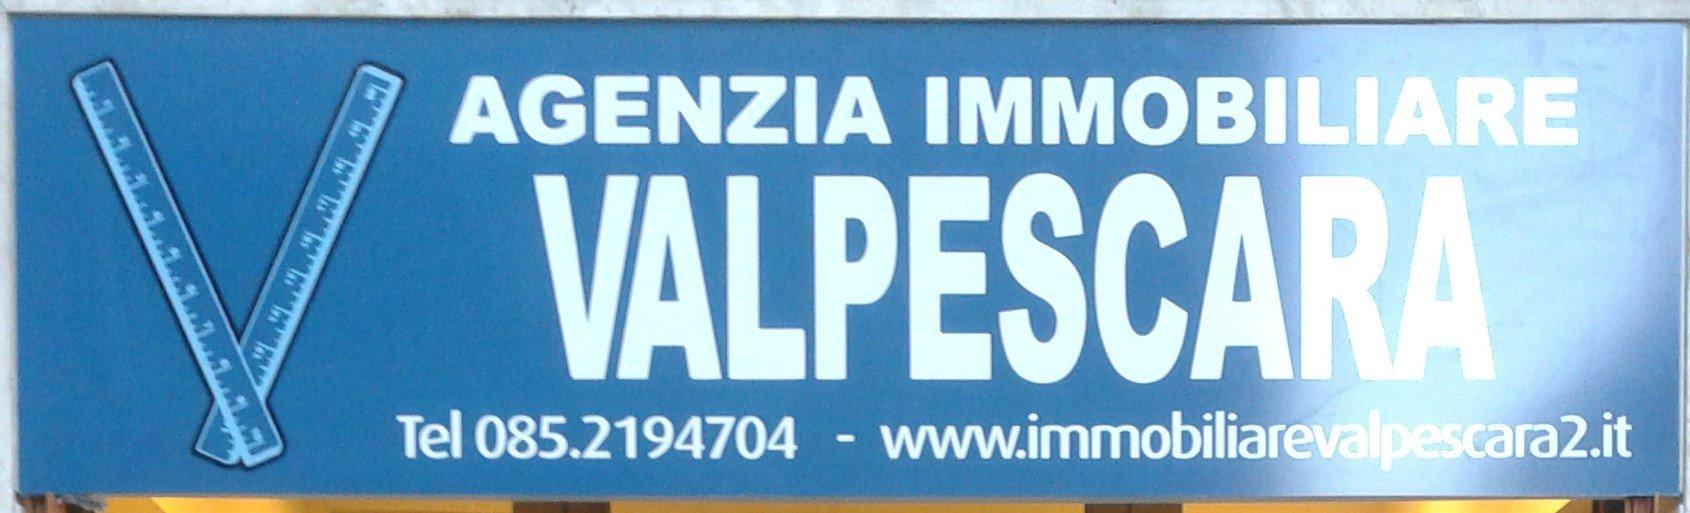 Immobiliare Valpescara 2